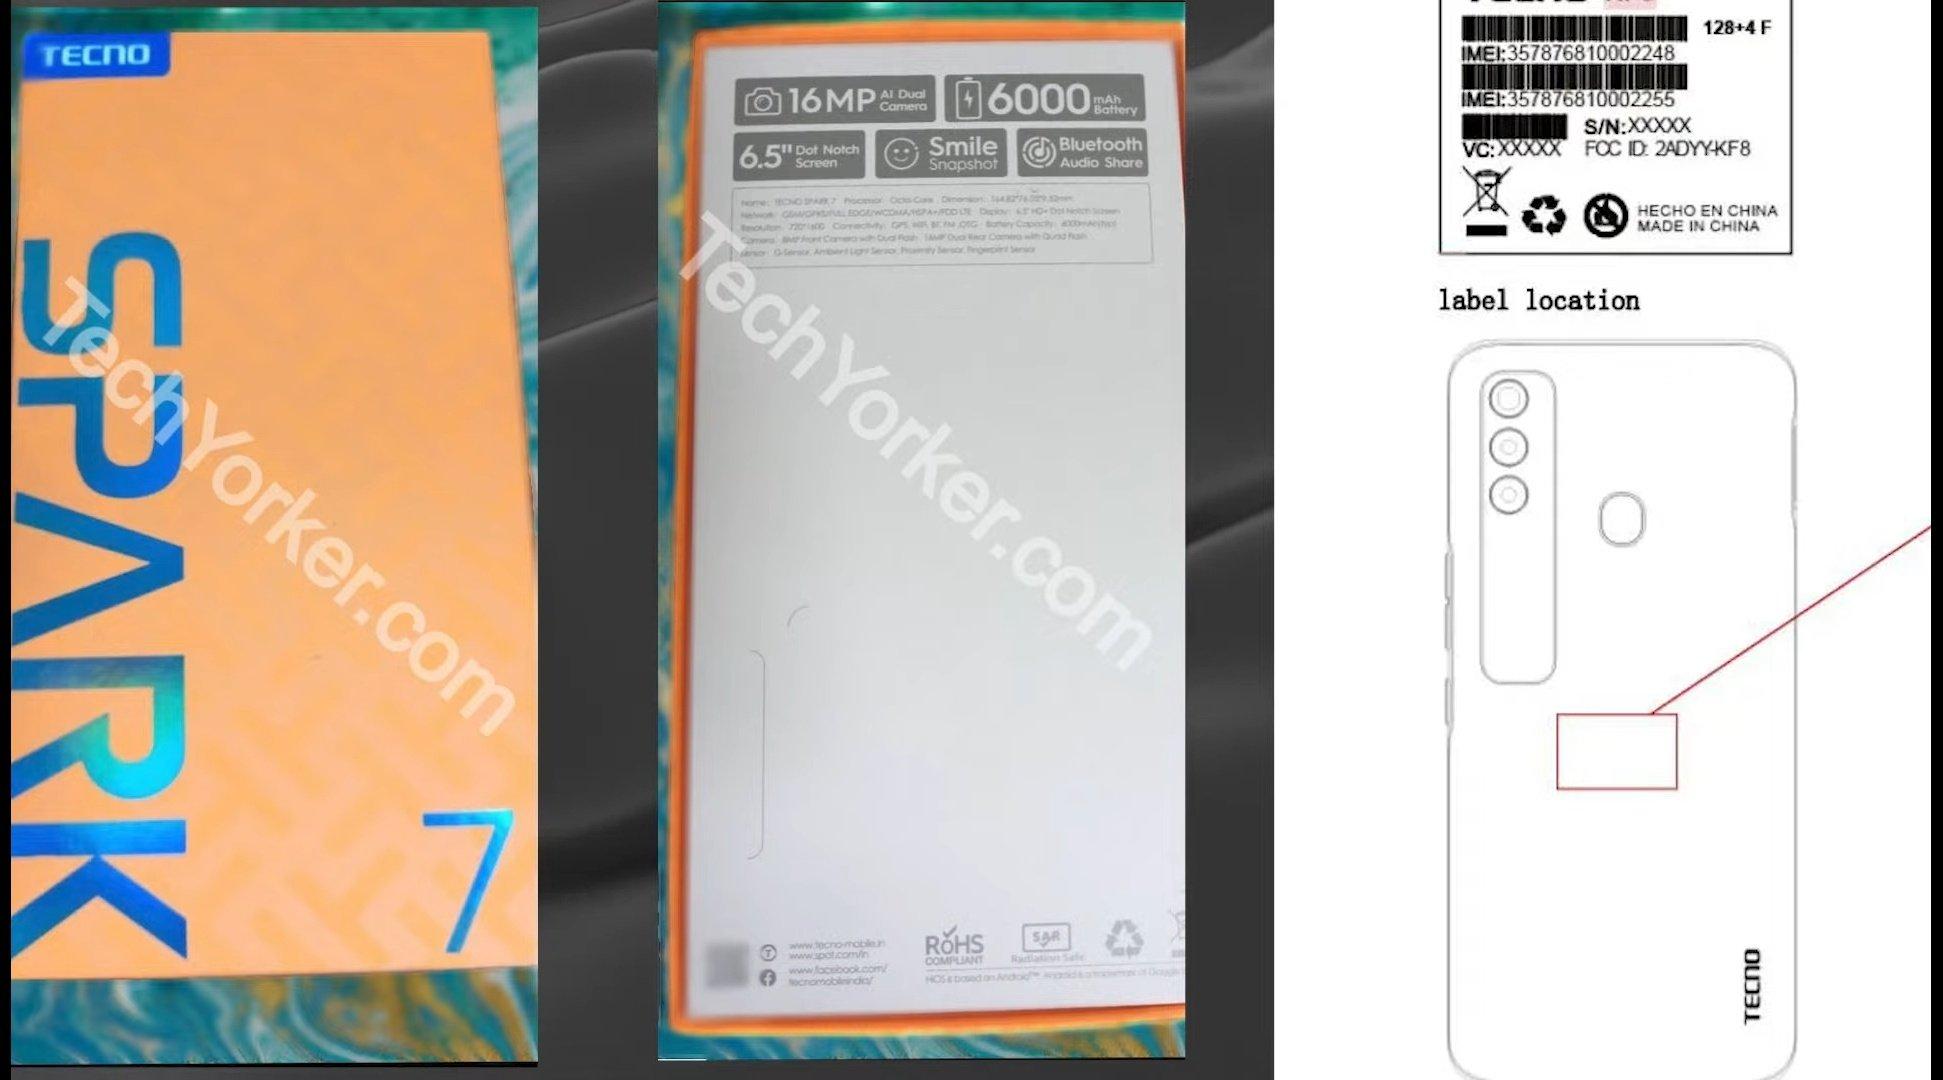 Tecno Spark 7 box